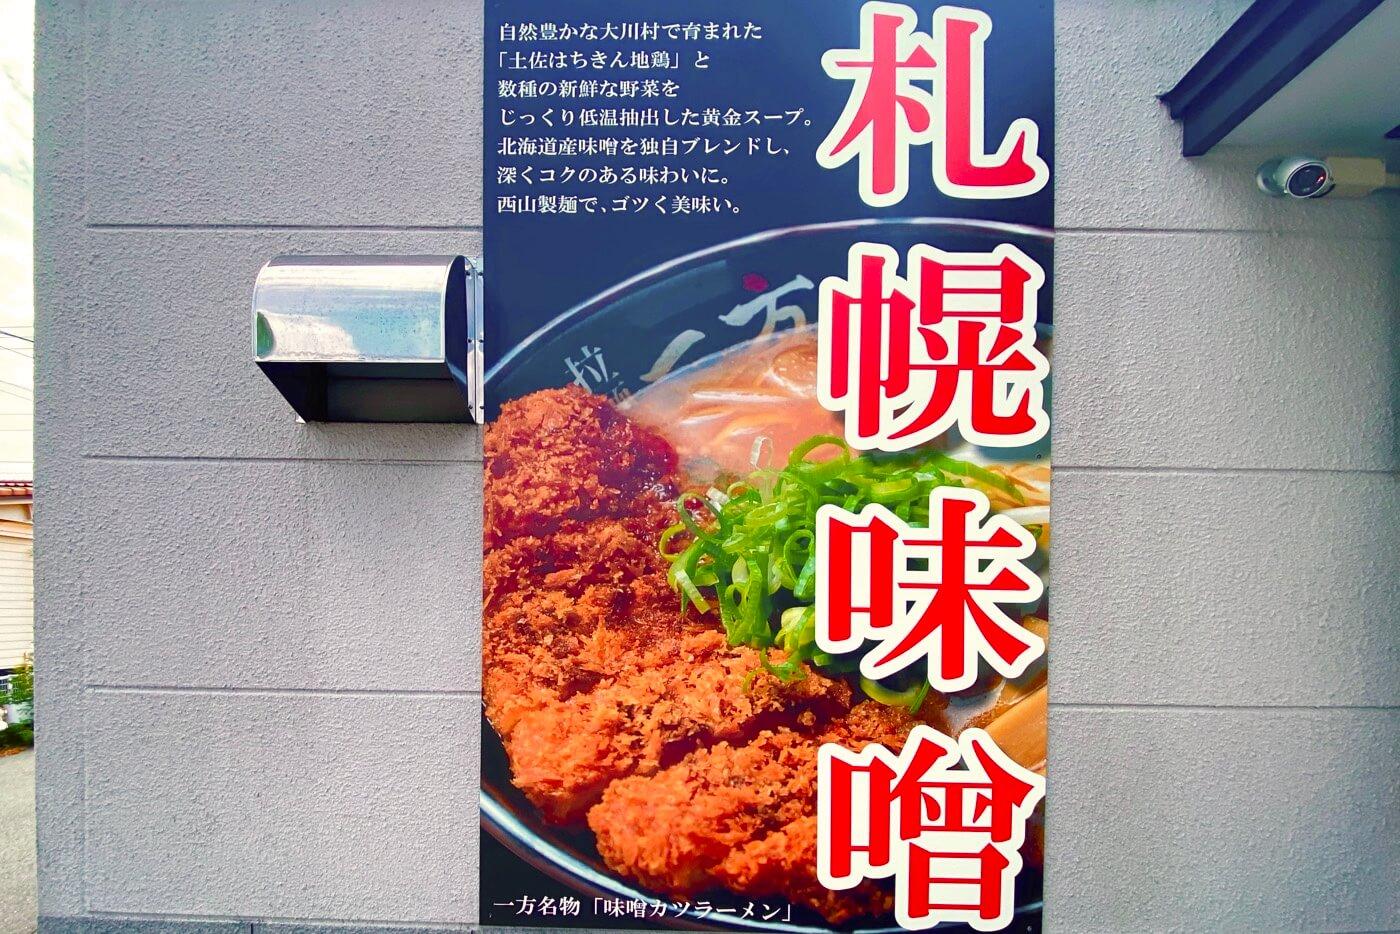 拉麺一方やすきや番地の店先に掲示されたみそカツラーメンへのこだわり